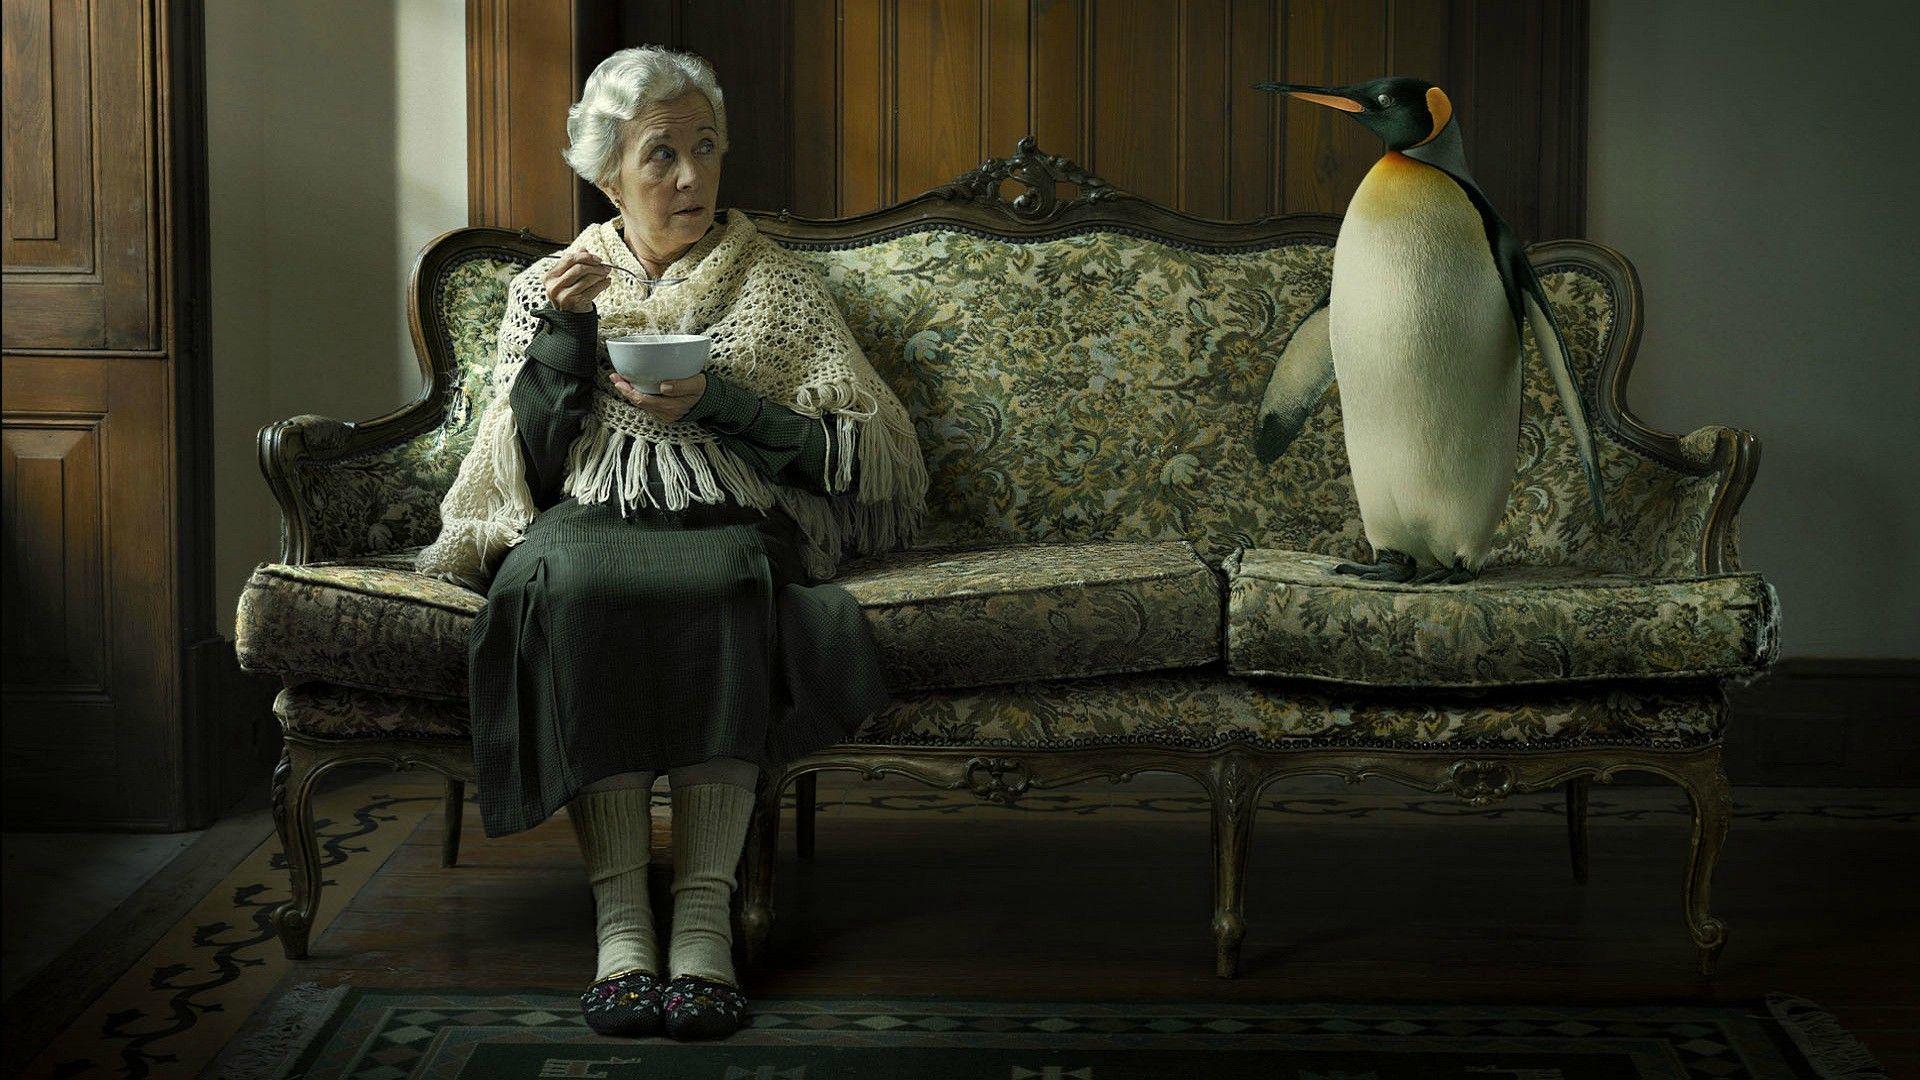 Anciana sentada, cenando en un sofa junto a un pingüino Emperador (Aptenodytes forsteri). Humor Linux o habitacion fria. Fotomontaje by Estudio Platinum FMD Fotografia.